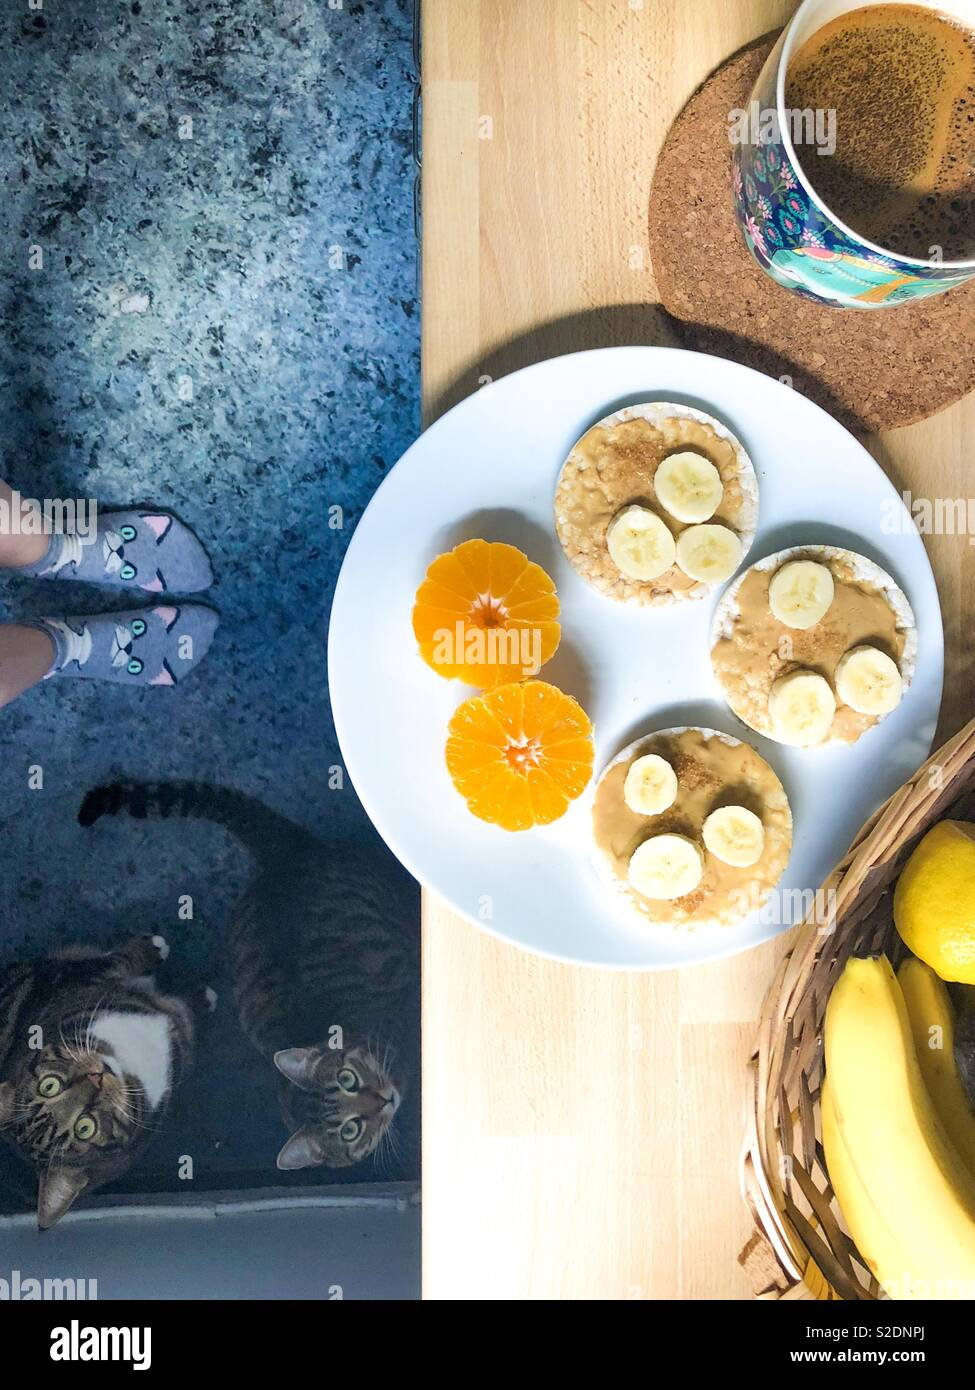 La rutina de la mañana - desayuno y dos gatos como empresa Imagen De Stock